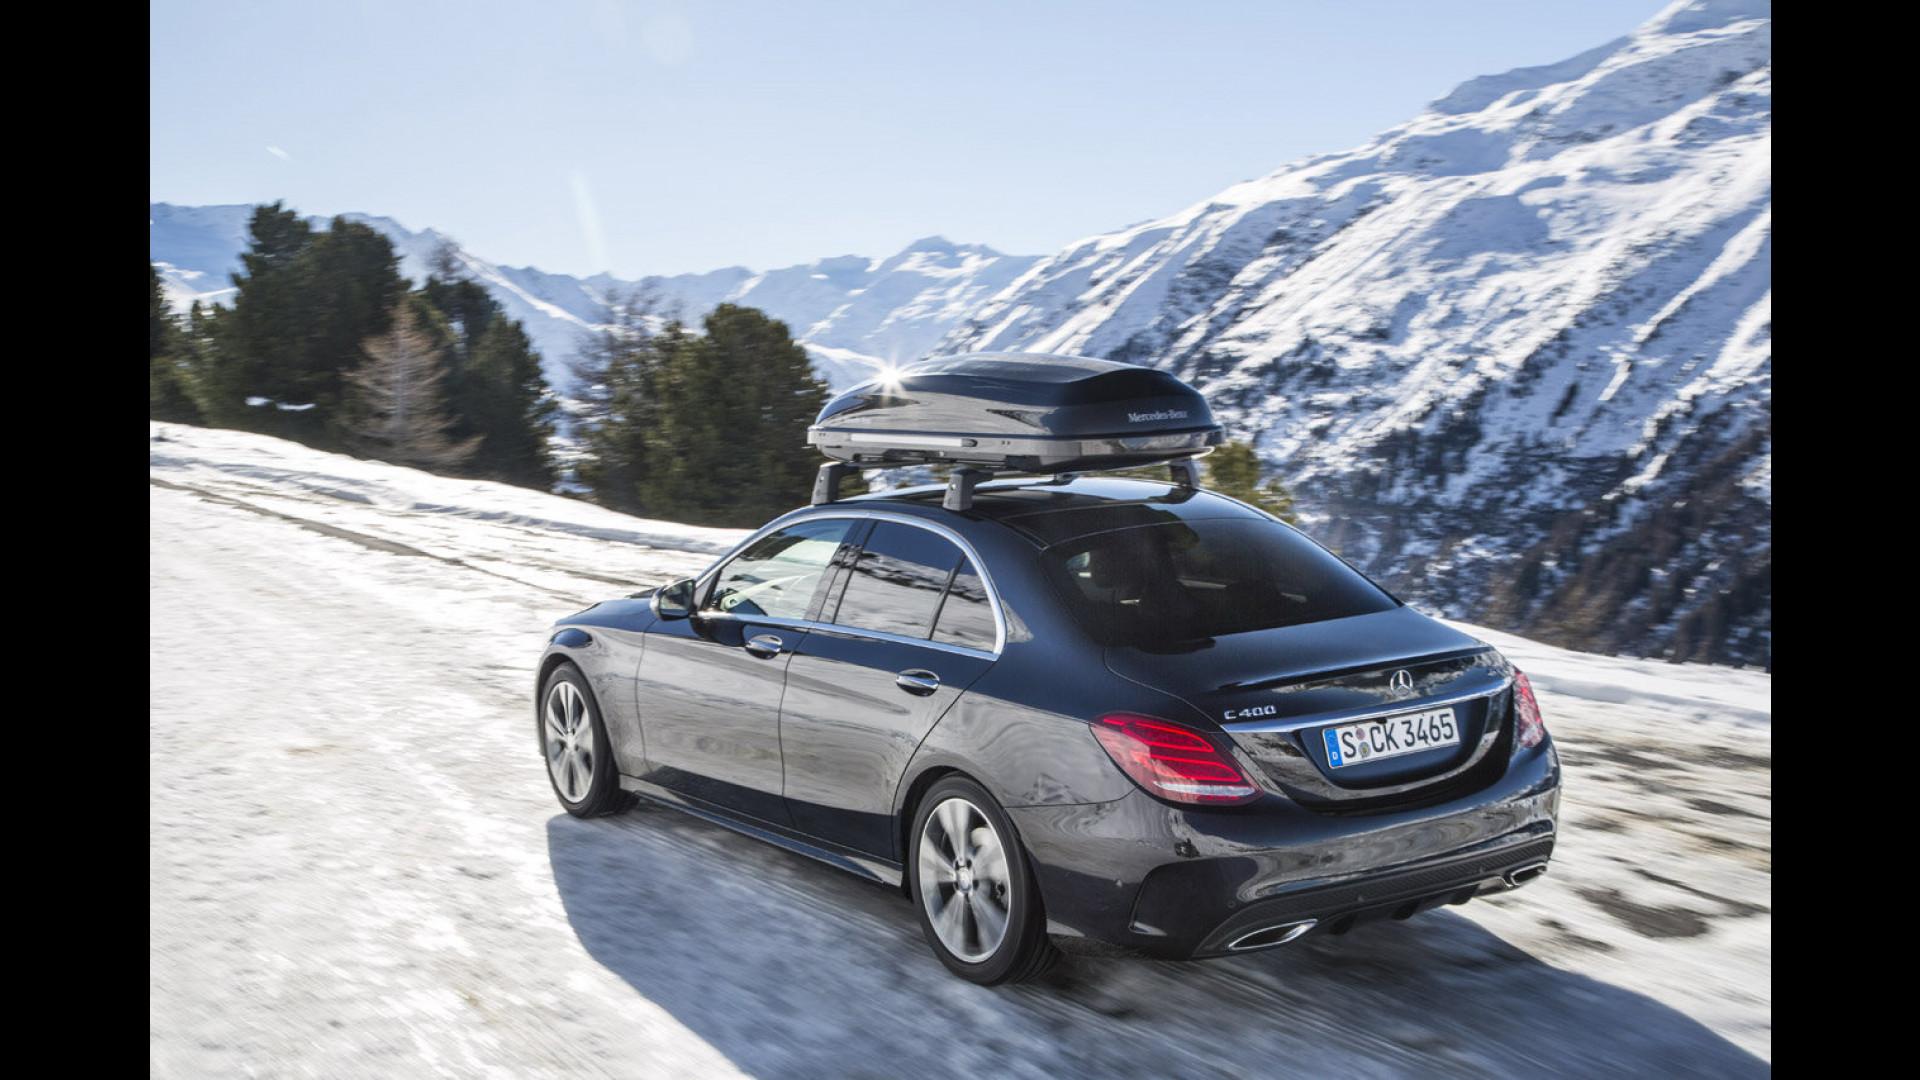 Schemi Elettrici Mercedes : Mercedes amg gt s la video prova su strada